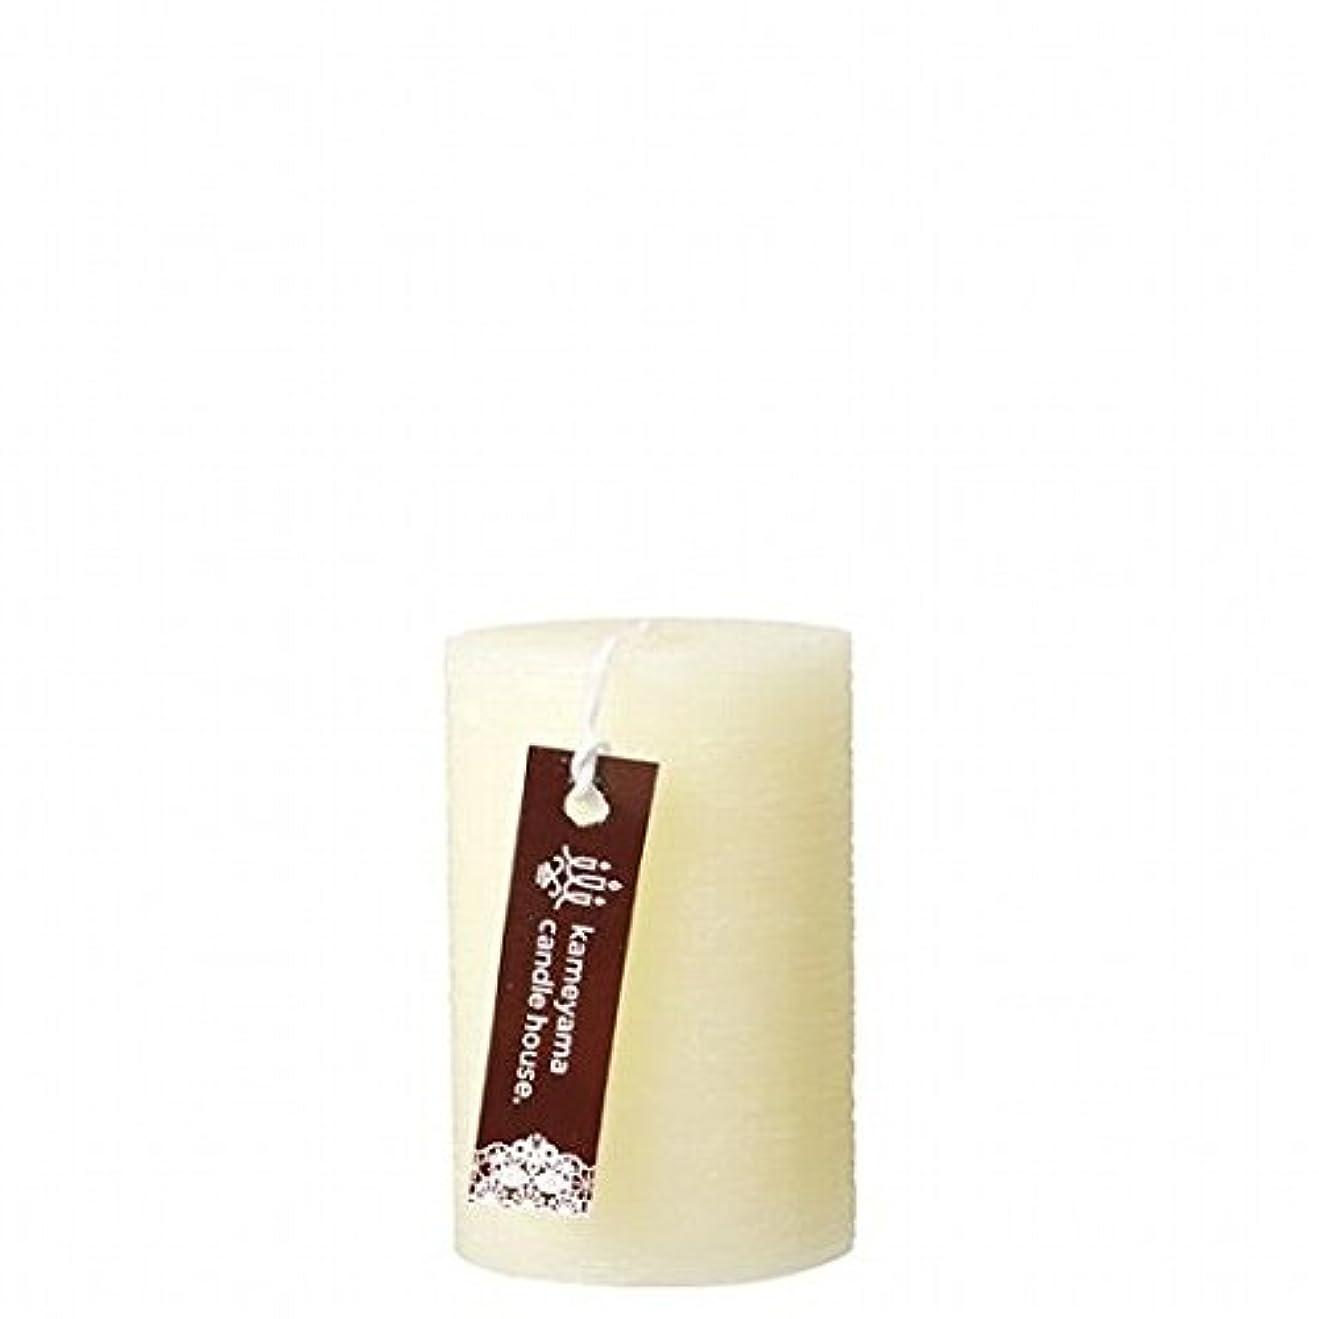 雪だるま東ティモールボタンkameyama candle(カメヤマキャンドル) ブラッシュピラー2×3 「 アイボリー 」(A8310000IV)